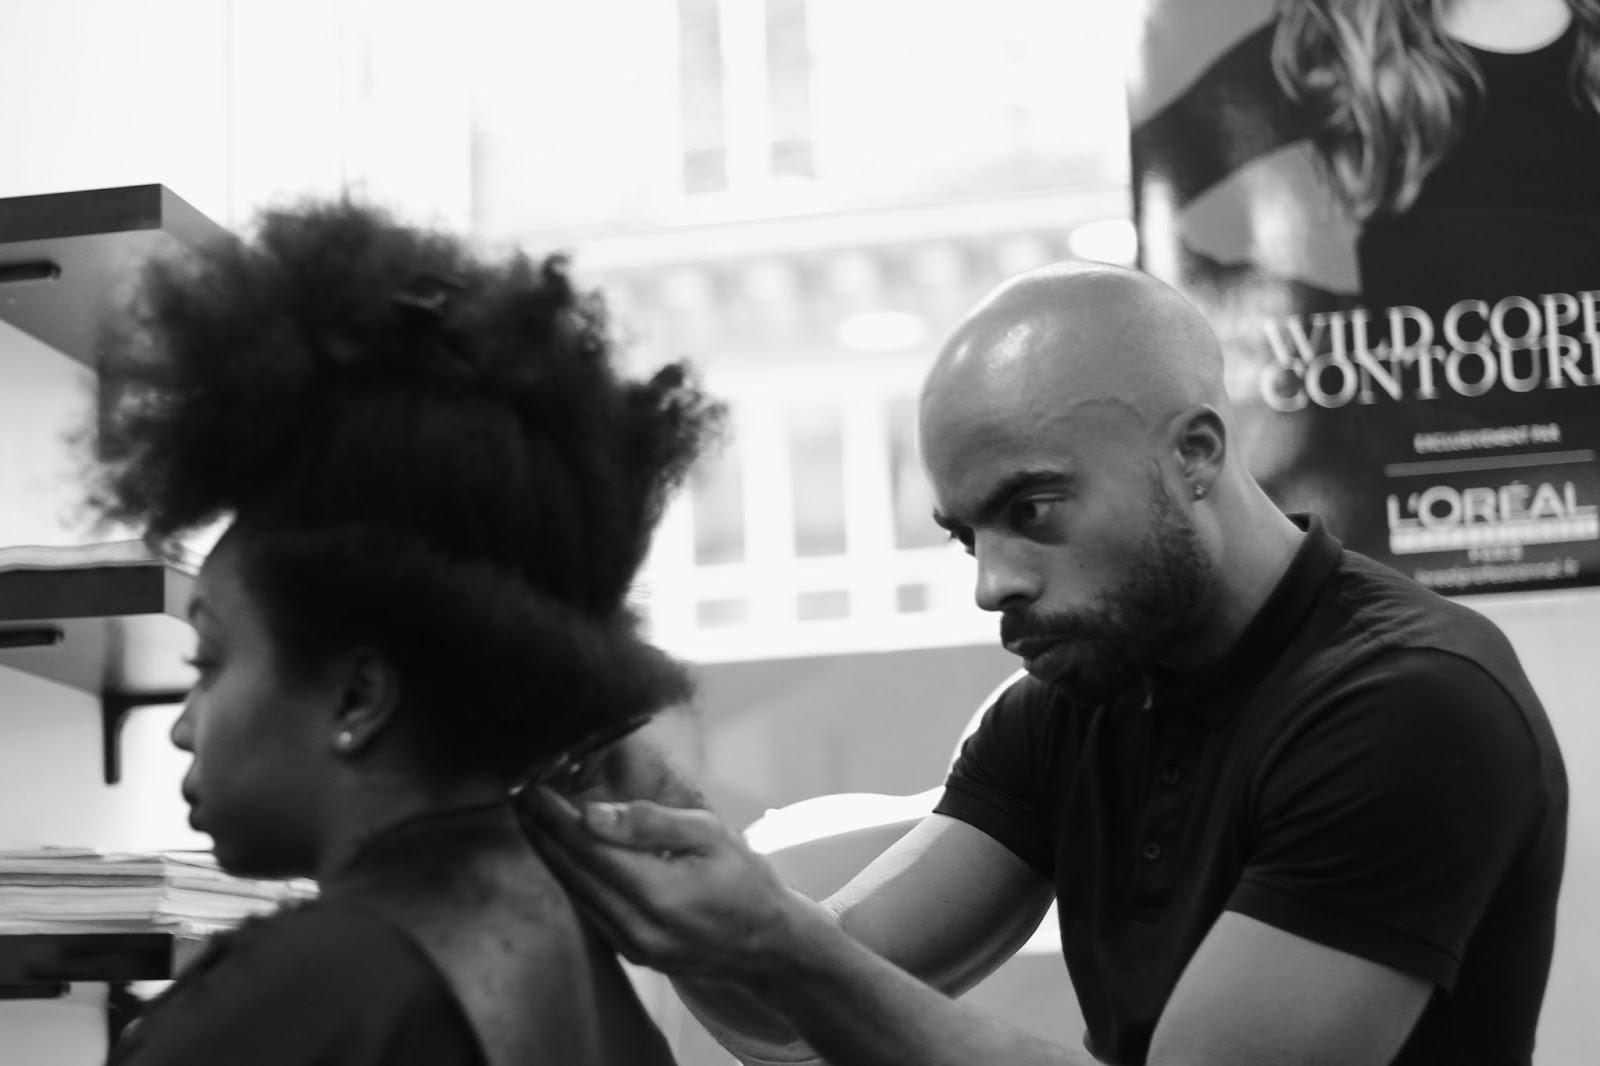 Couper Les Cheveux Avec Une Tondeuse se rapportant à blackbeautybag - blog beauté, blog beauté noire: my hai(re)volution